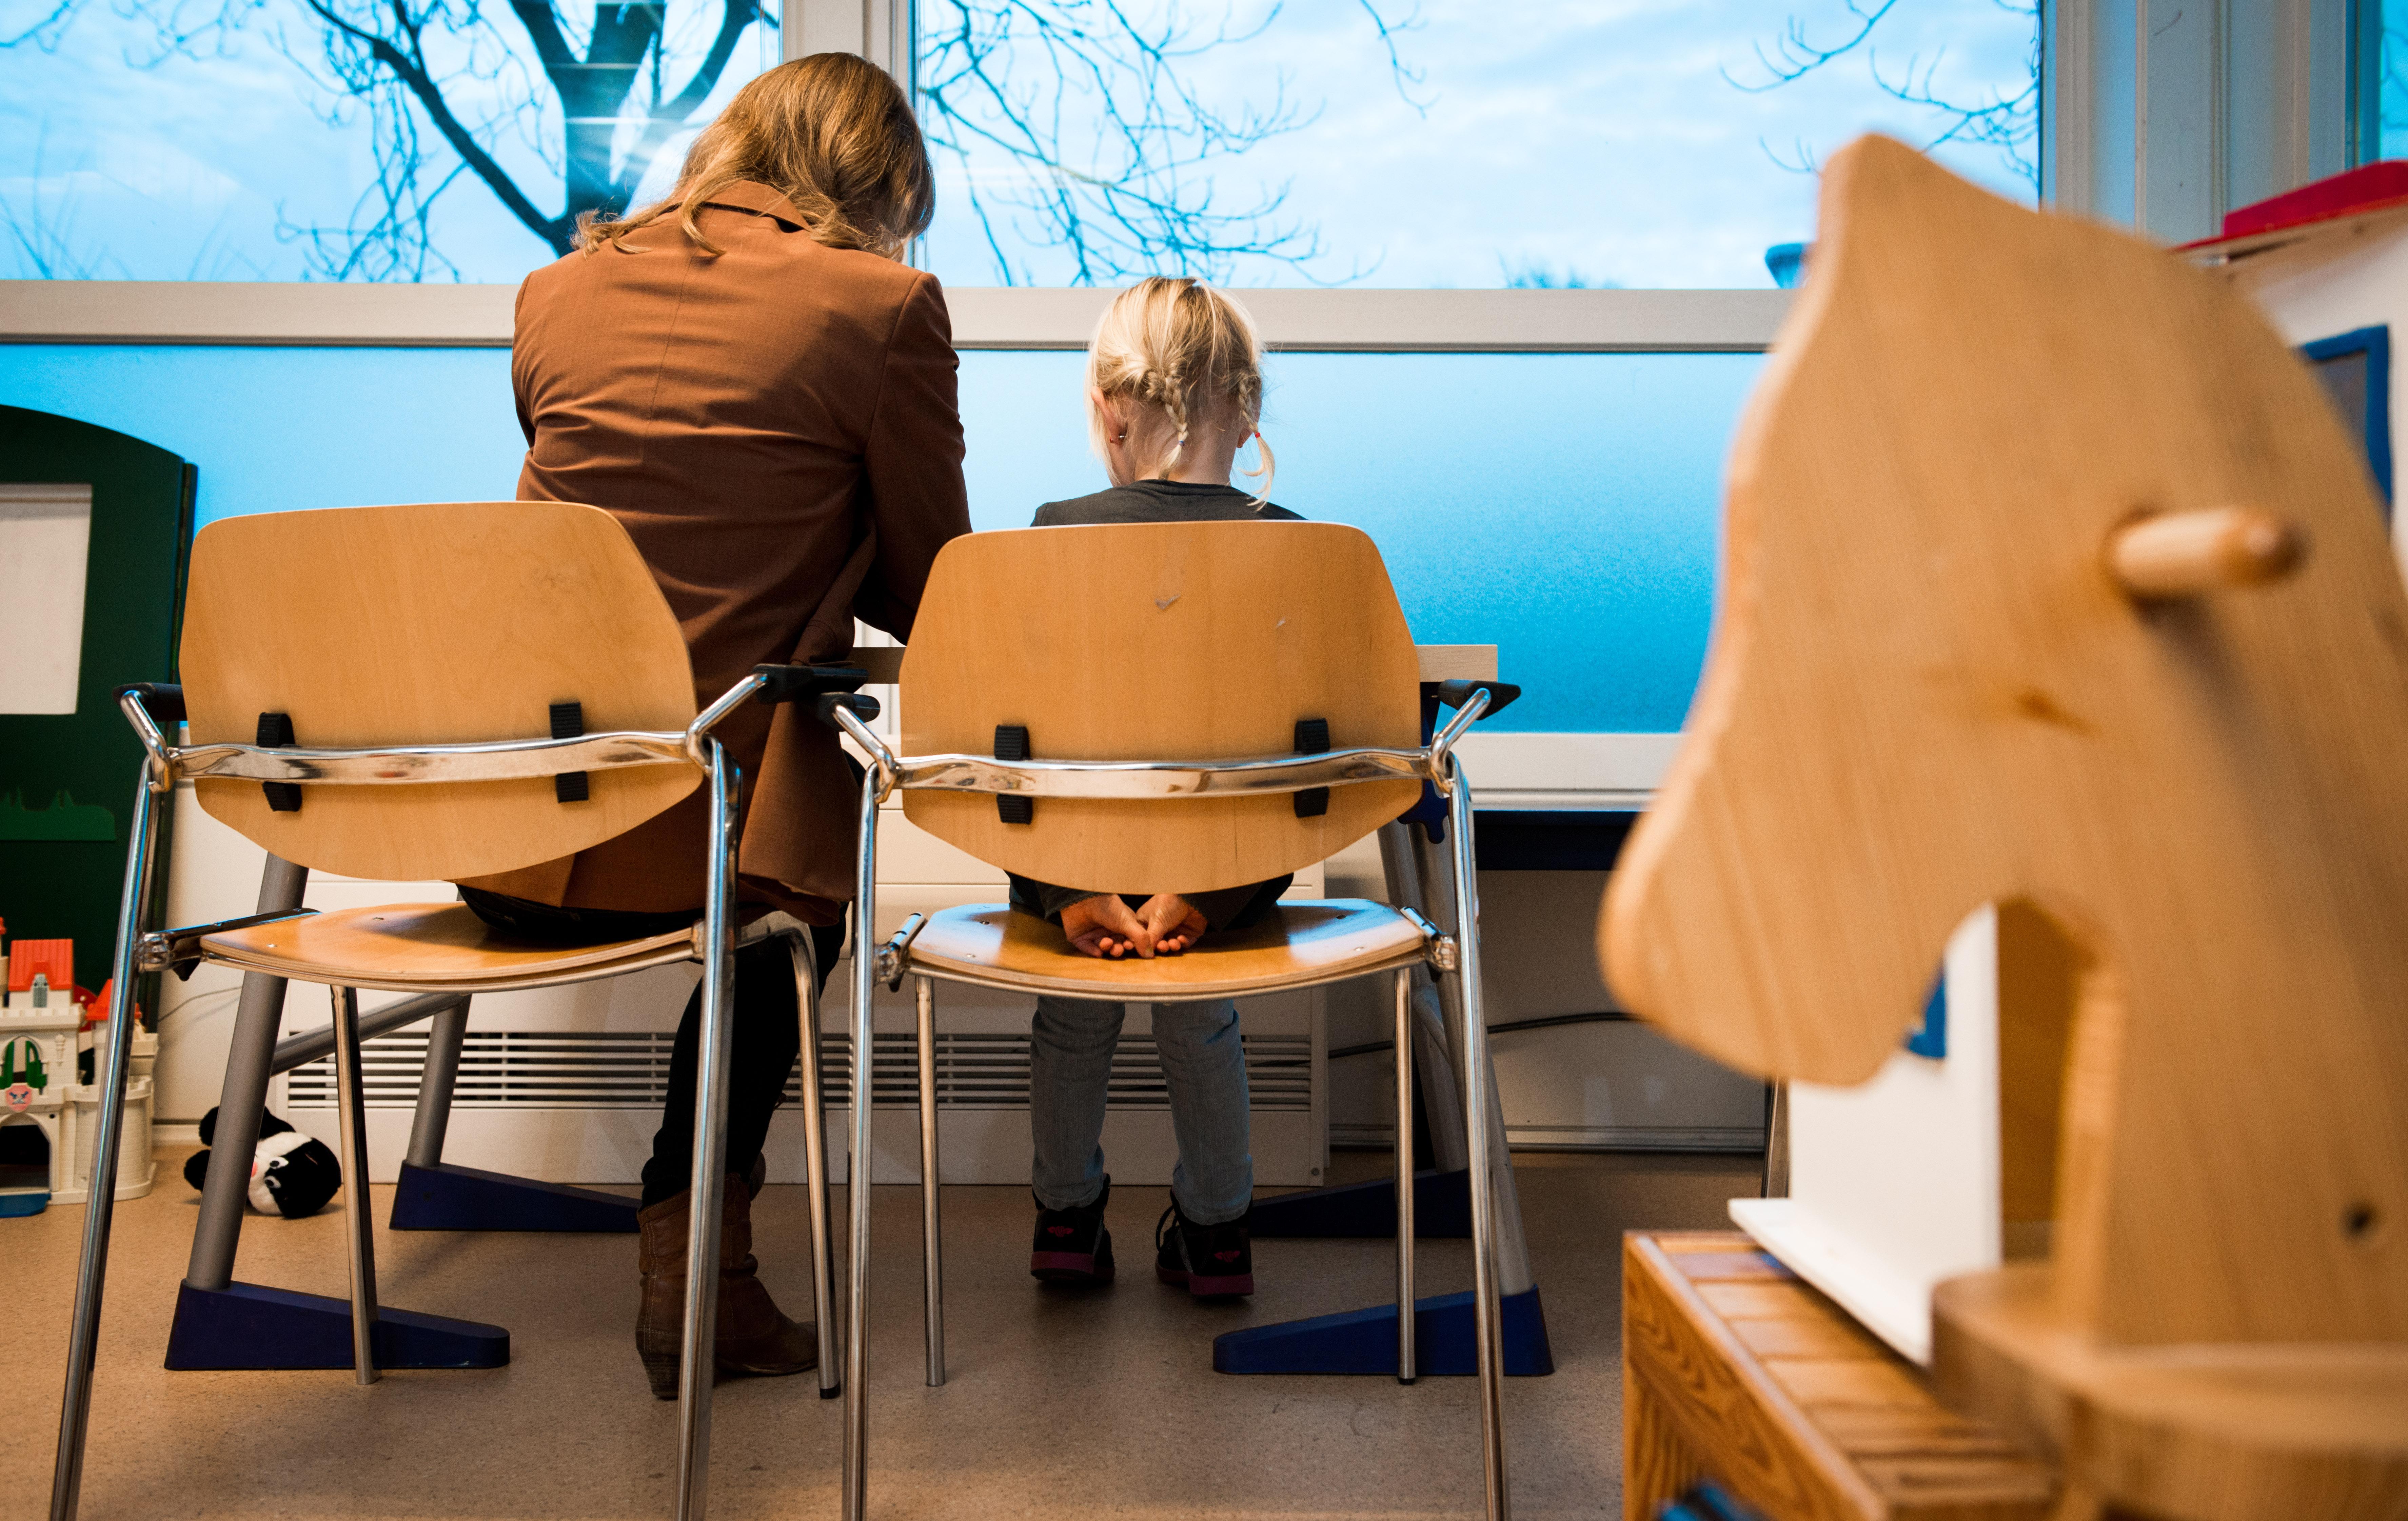 Aanvaring jeugdspecialisten en gemeenten Zuid-Kennemerland en IJmond. 'Goede zorg aan jongeren gaat verloren'